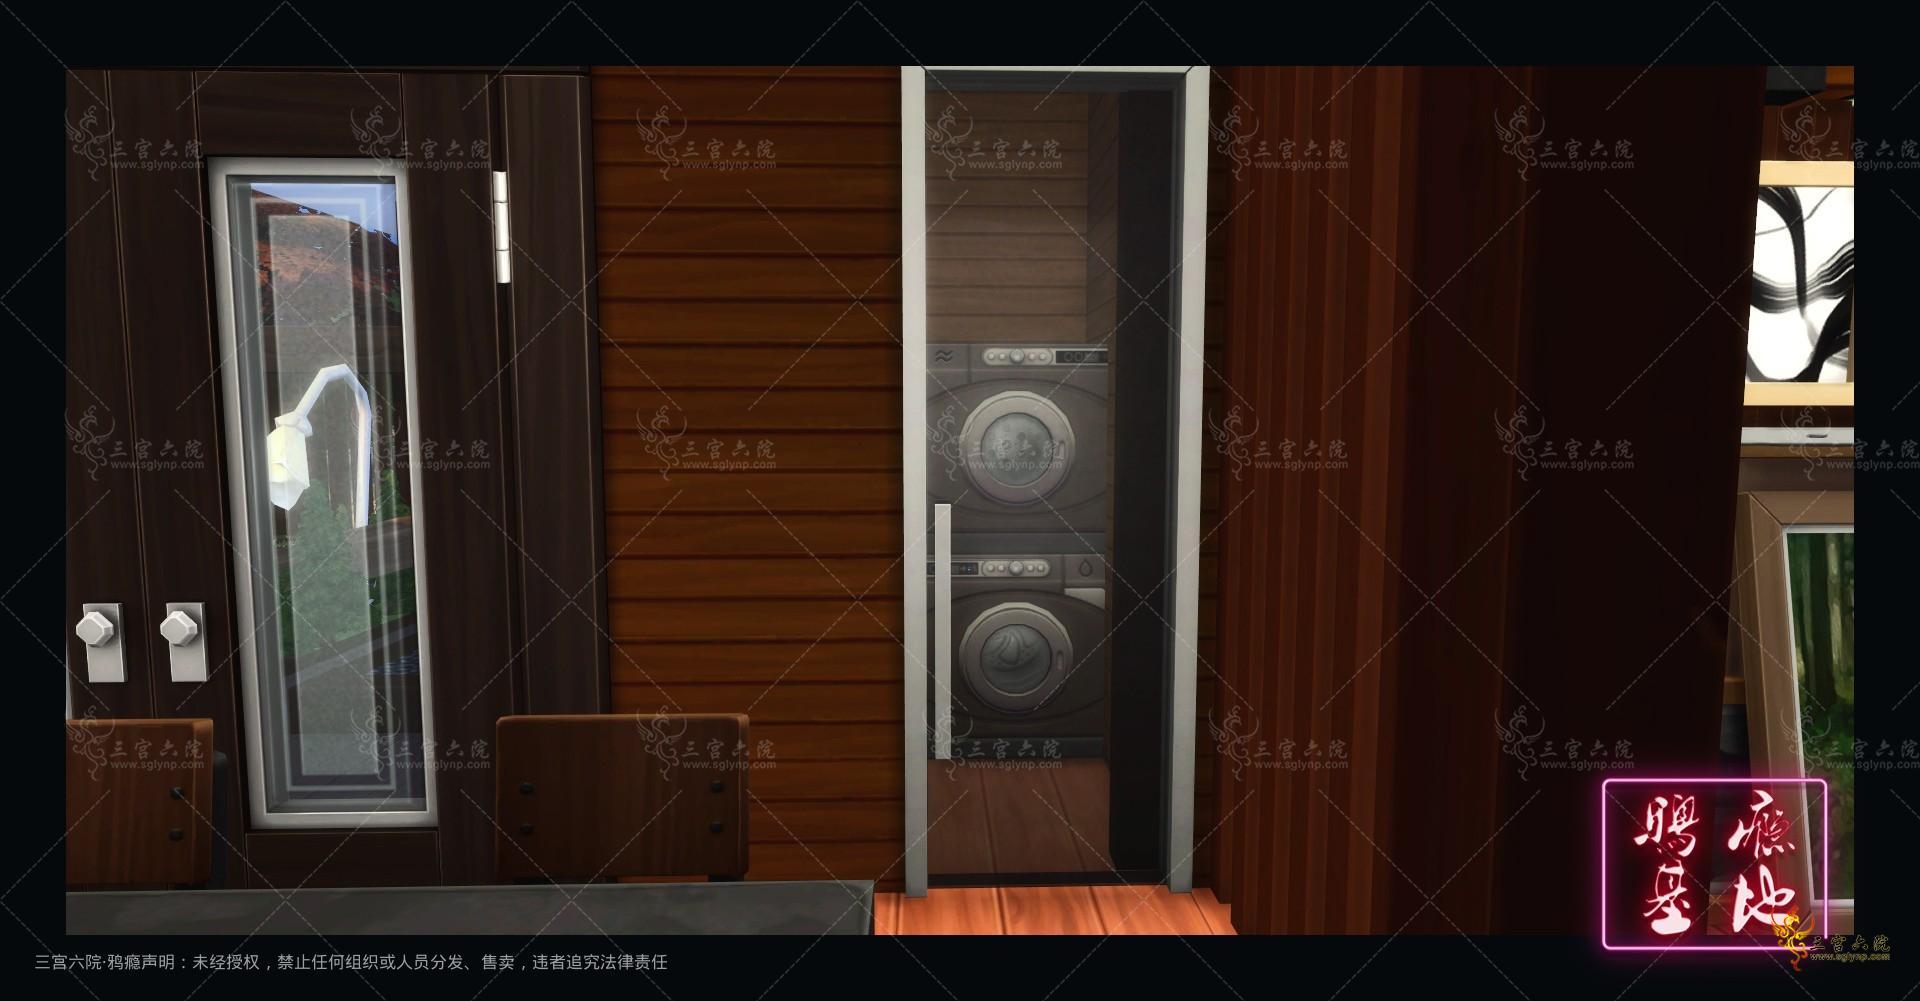 TS4_x64 2021-10-14 14-13-38.jpg